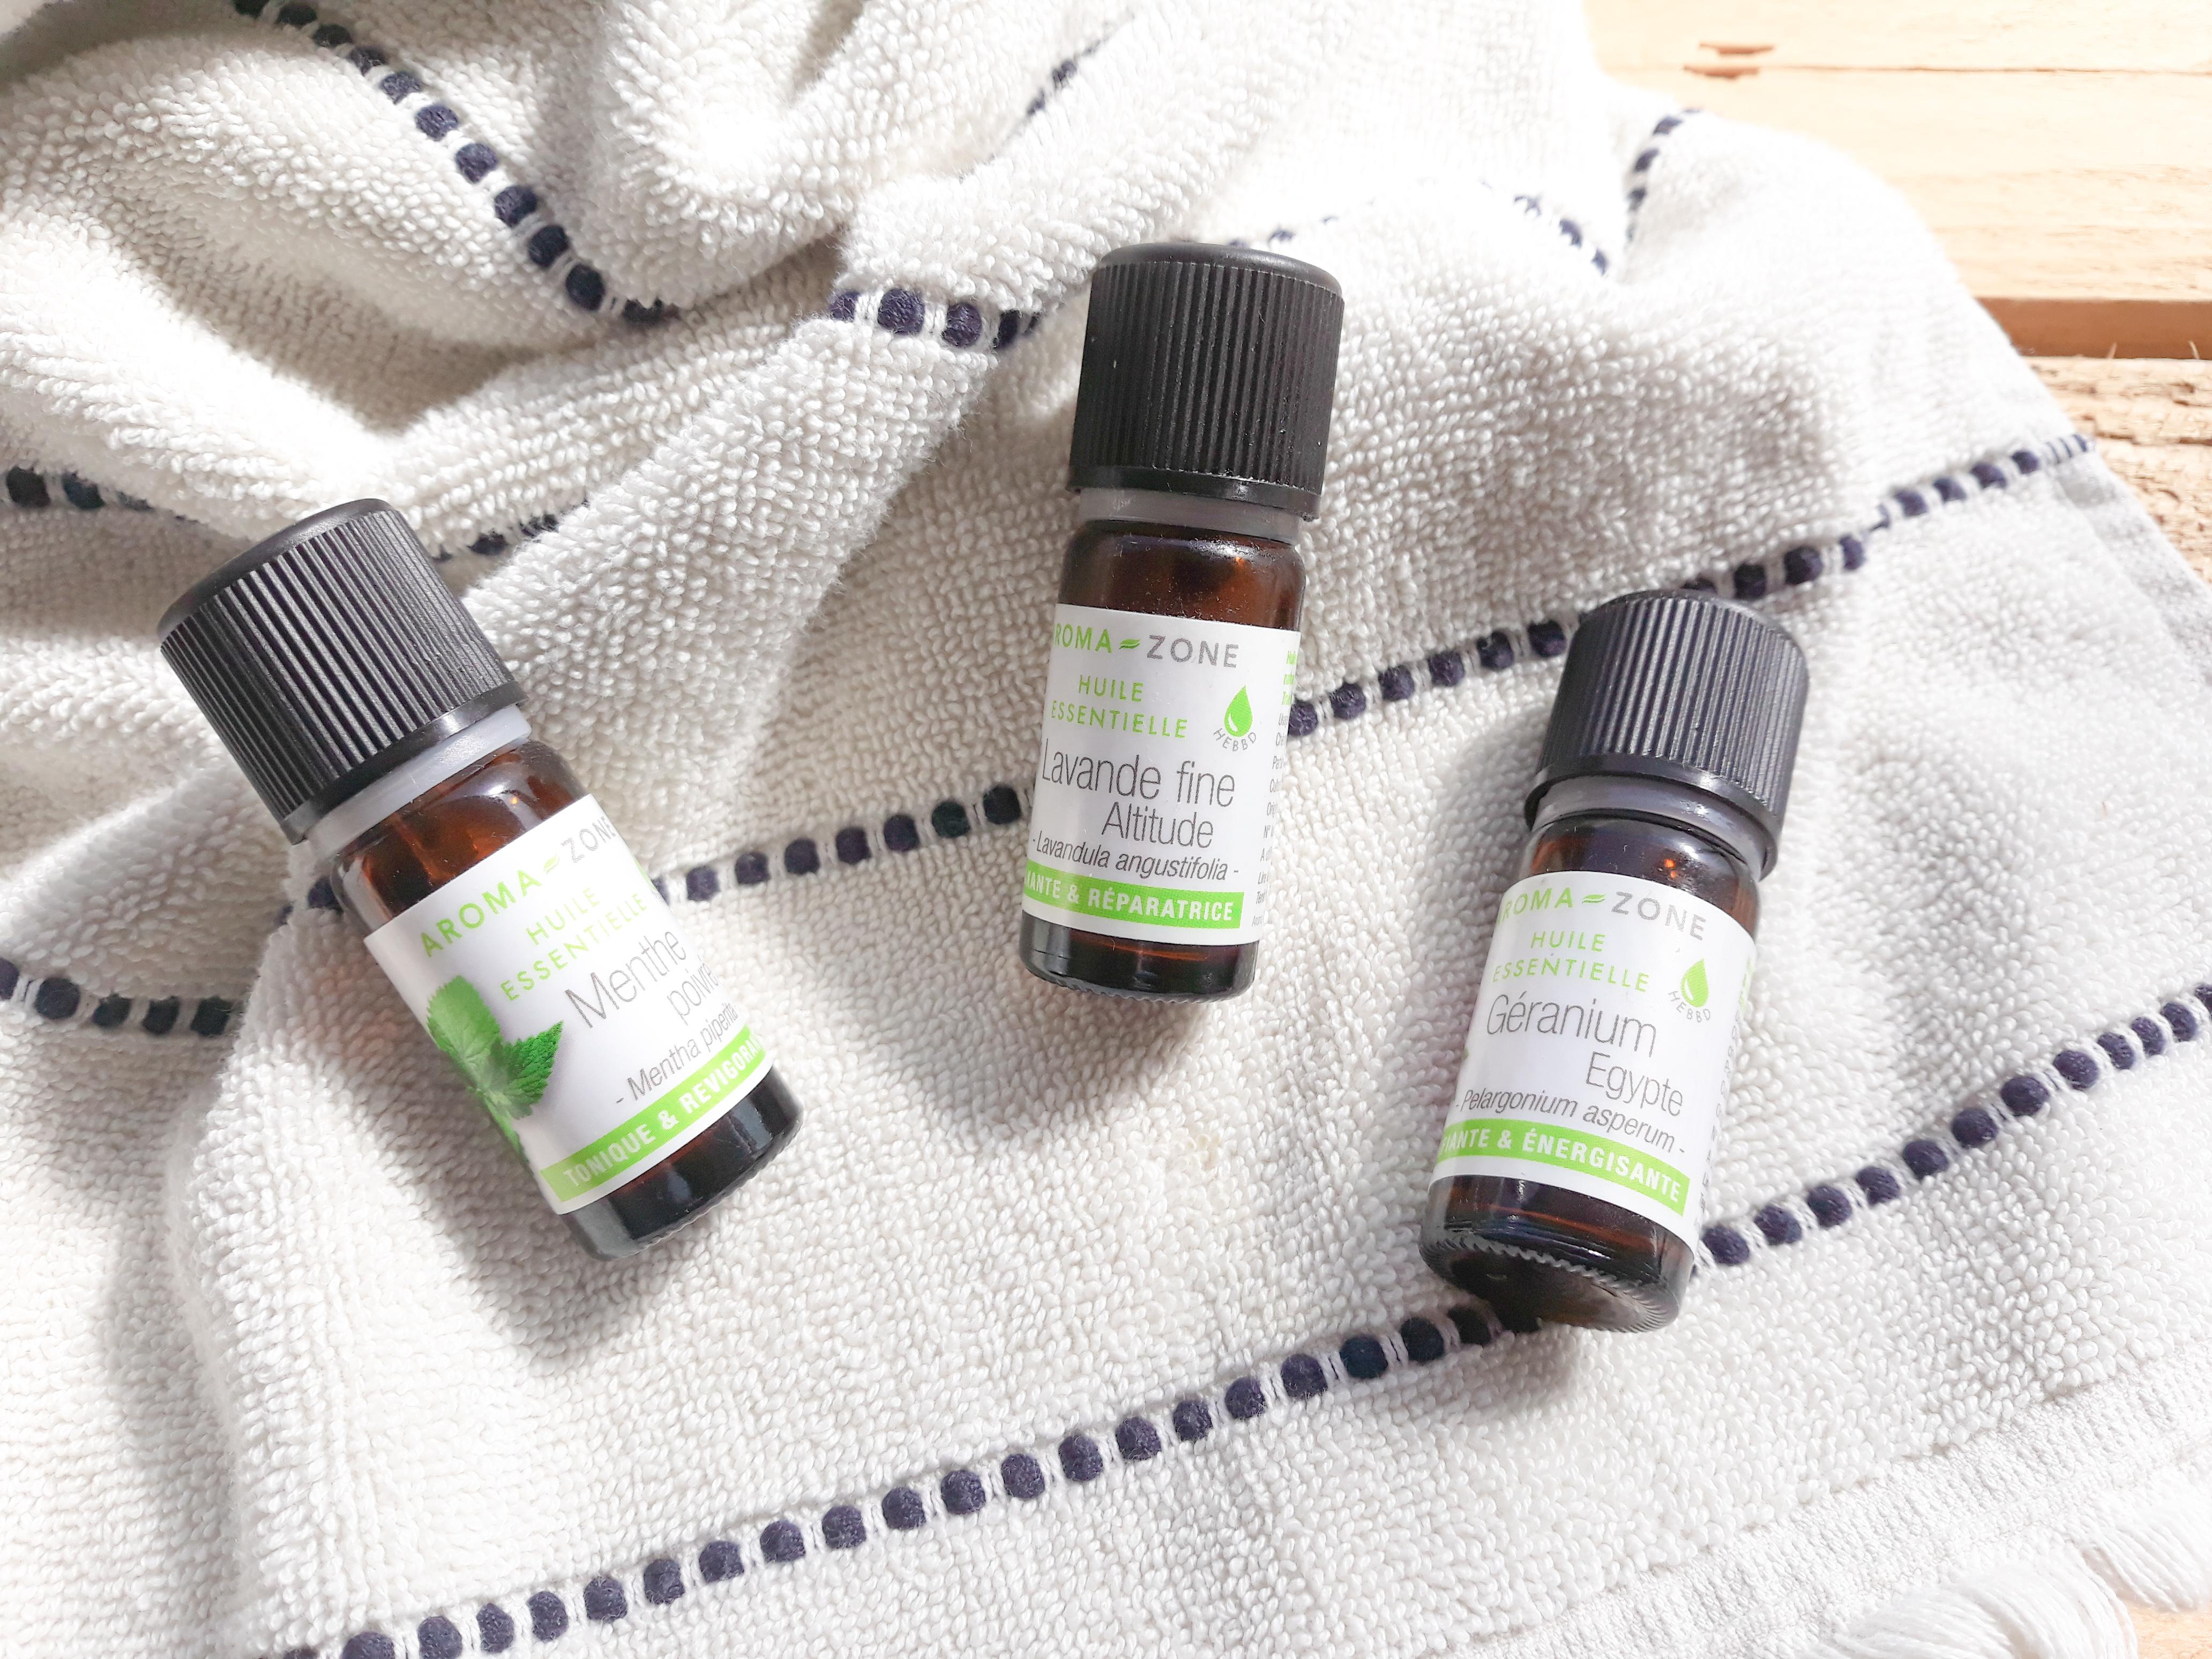 Huiles essentielles de l'été : lavande fine, menthe poivrée et géranium